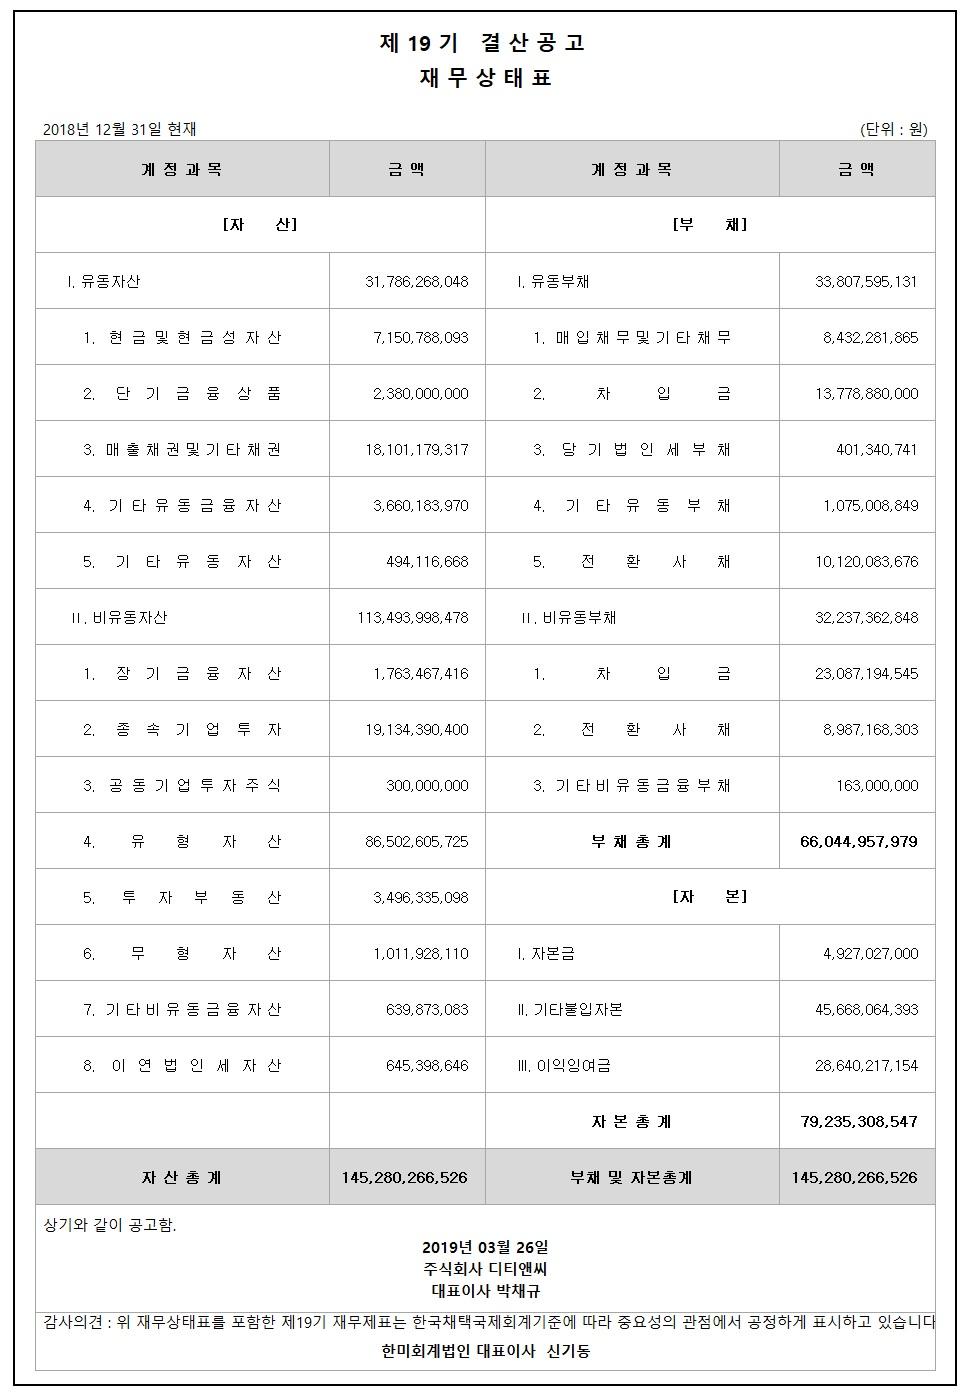 제19기 재무상태표 결산공고.jpg